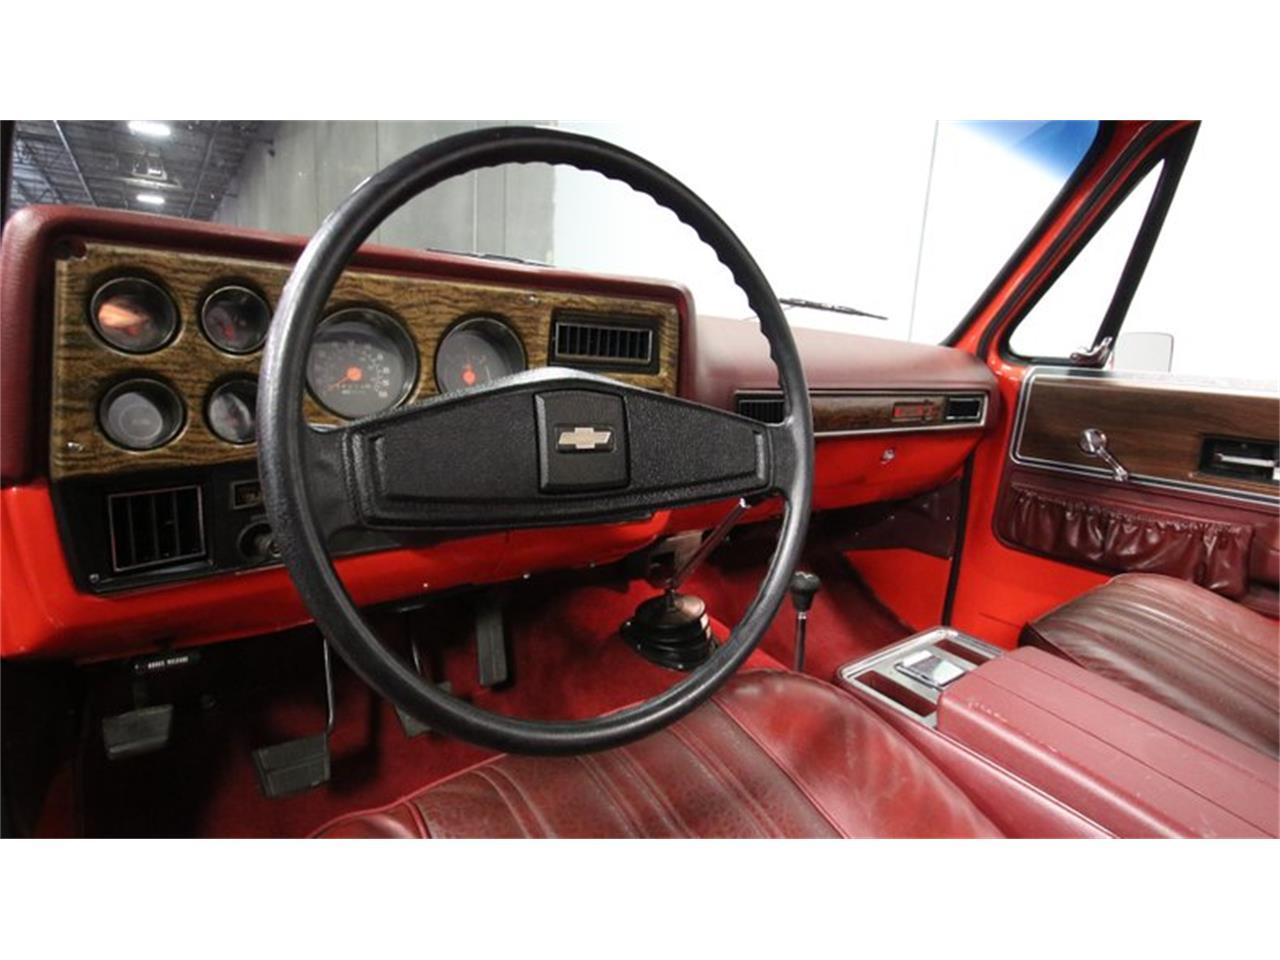 1976 Chevrolet Blazer (CC-1420407) for sale in Lithia Springs, Georgia